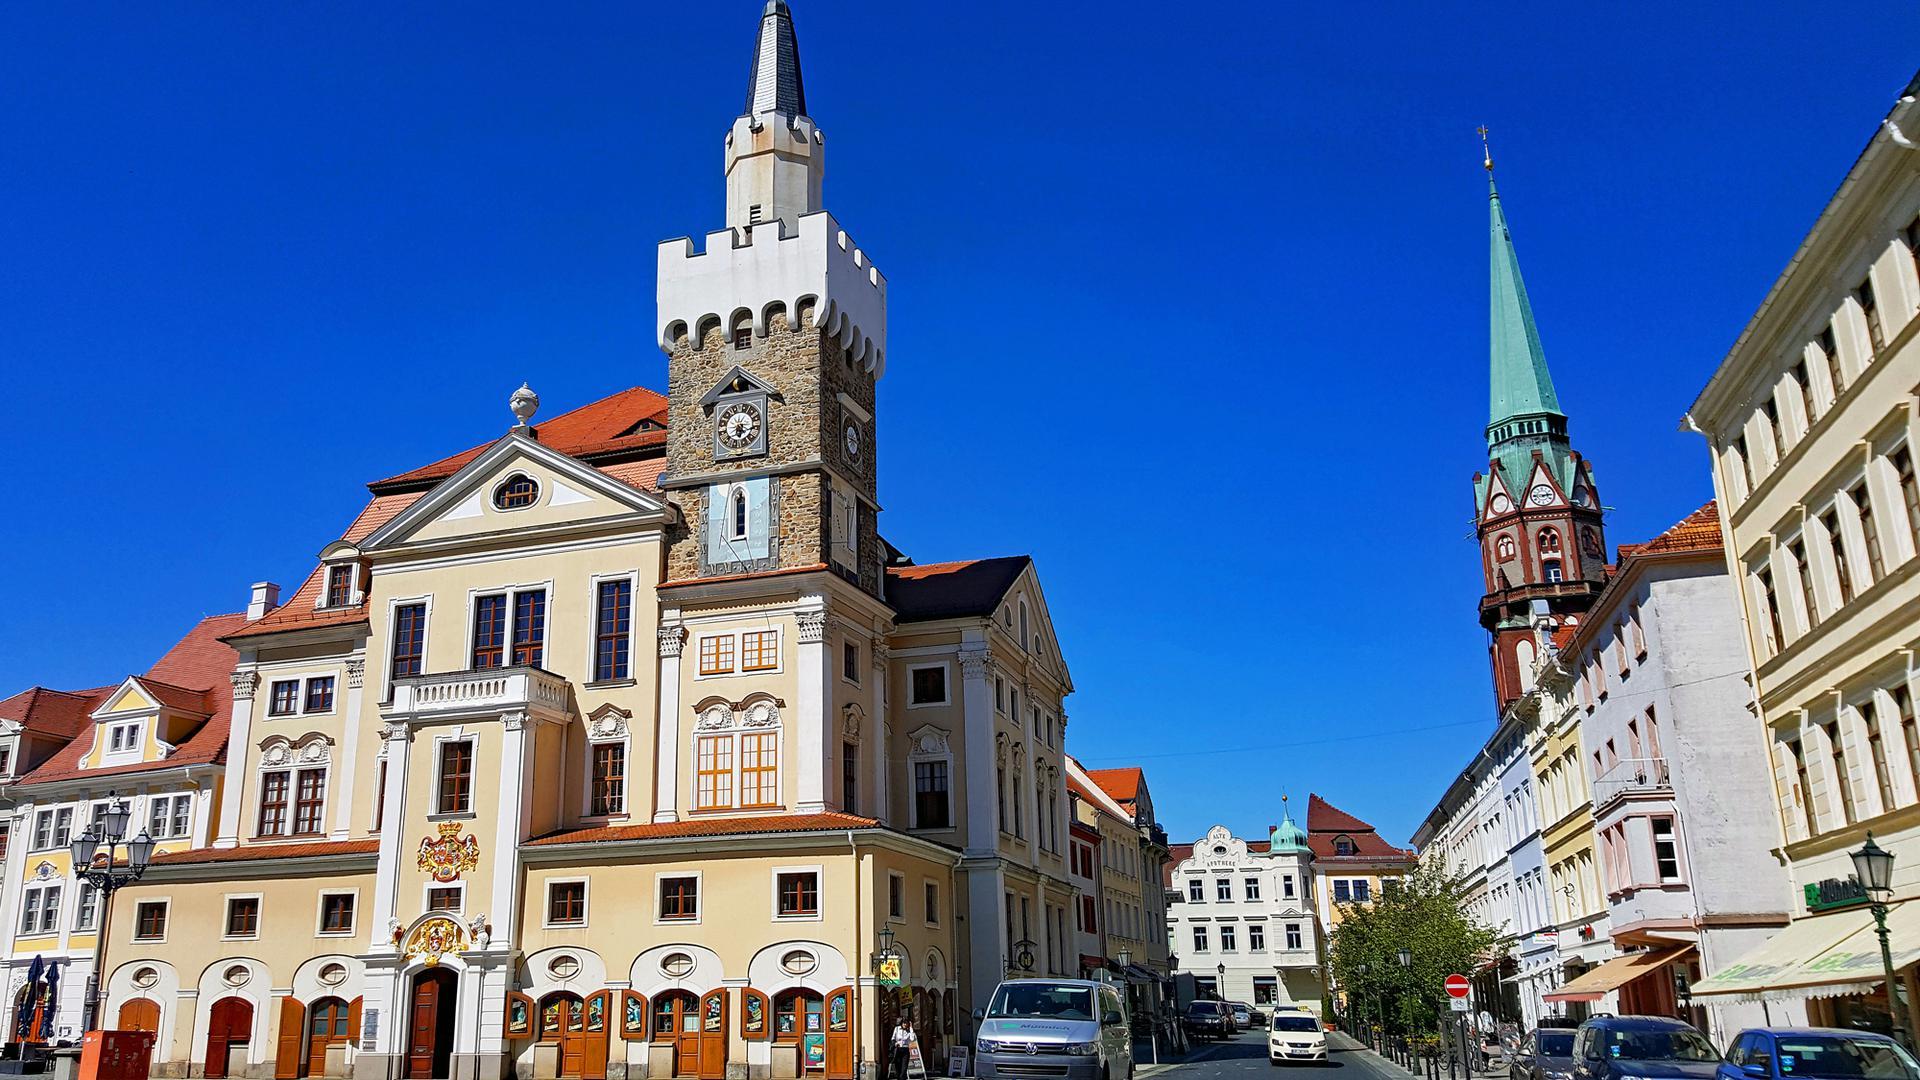 Schön saniert: Die Löbauer Innenstadt. Links das Rathaus am Altmarkt mit Nicolaistraße und Nicolaikirche (rechts)